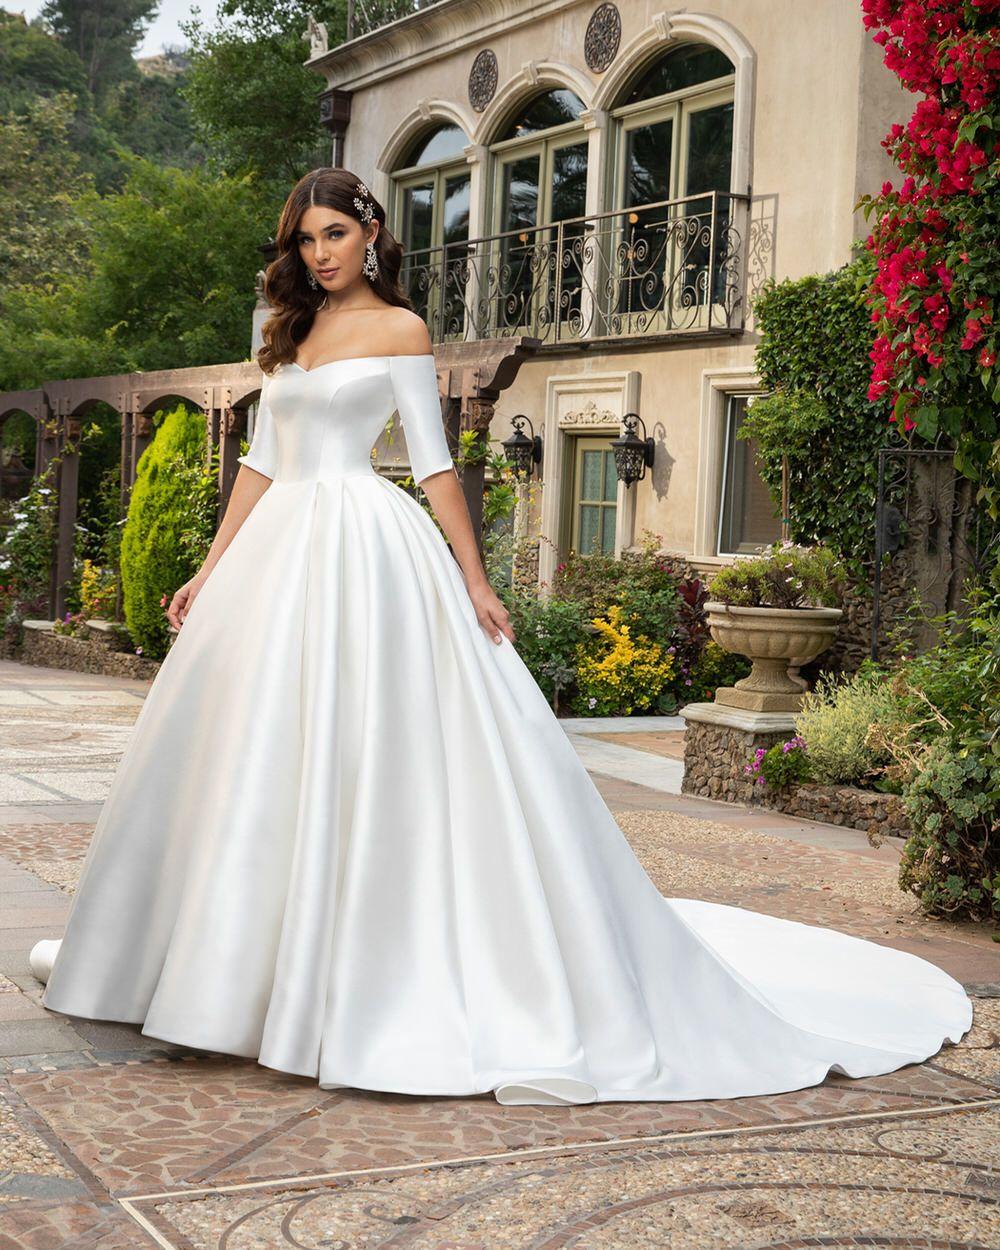 Casablanca 2020 Wedding Gowns Fresh for Spring ⋆ Ruffled